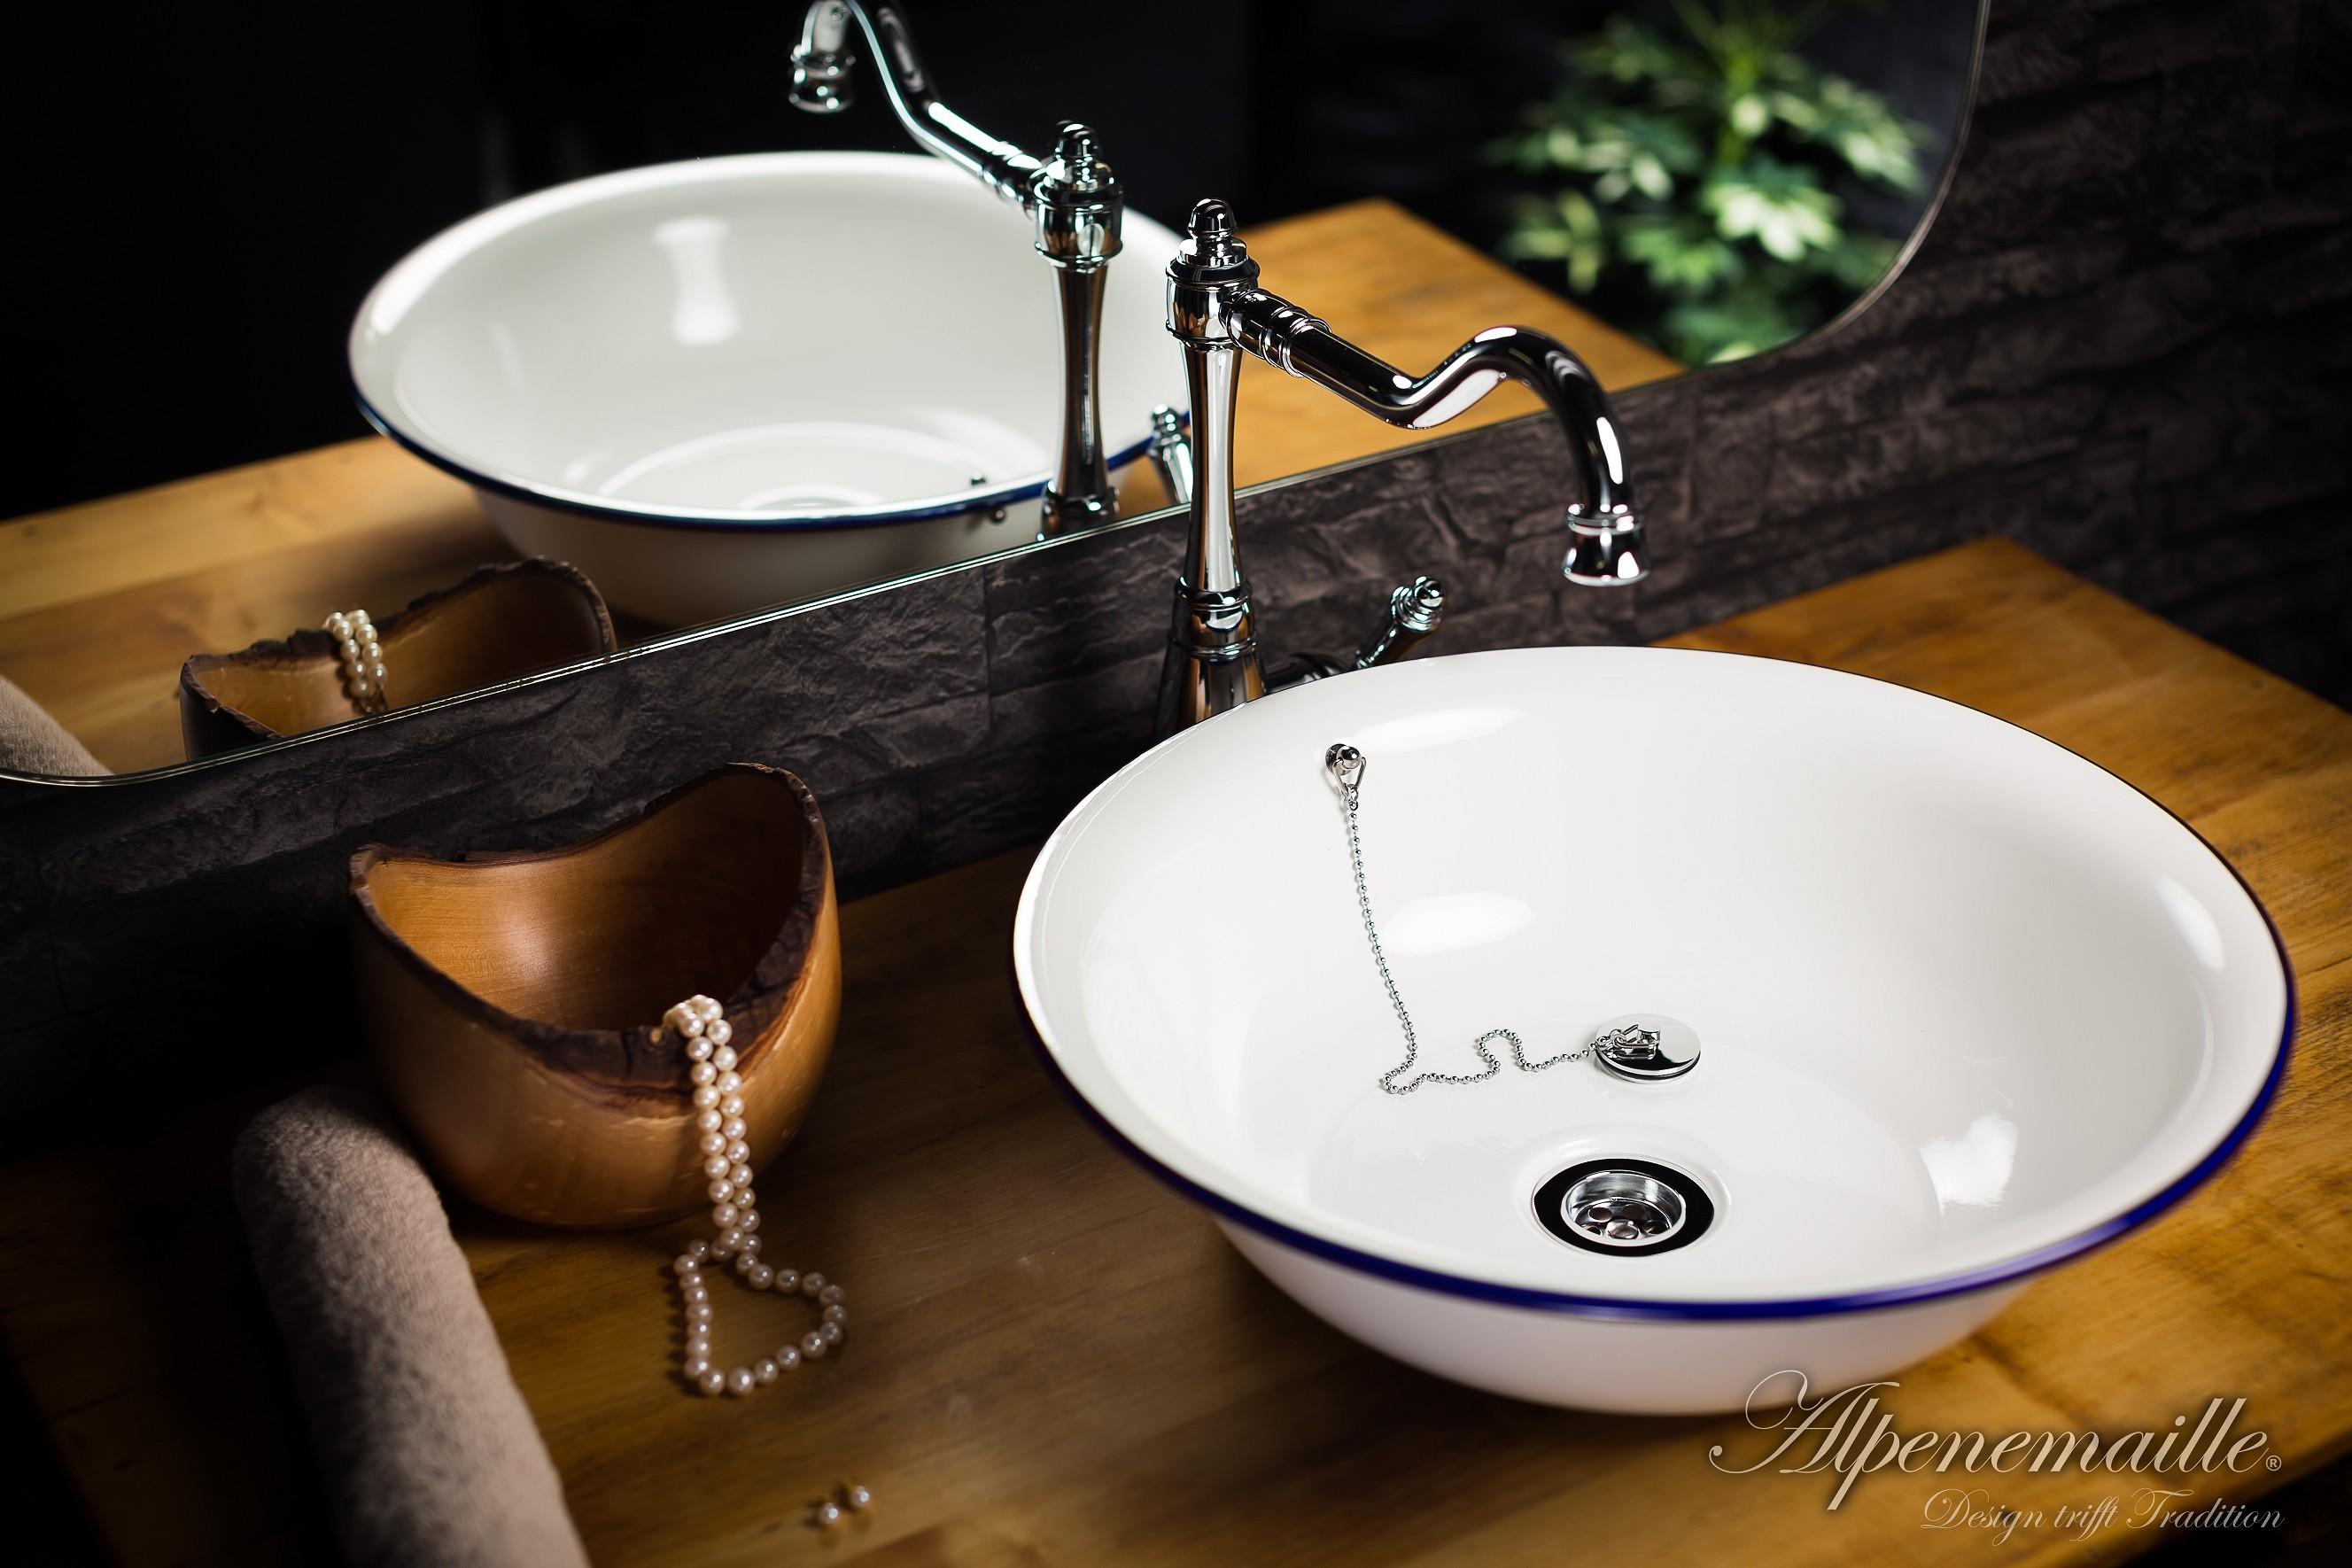 alpenemaille design trifft tradition premium emaille waschbecken anni 41x11cm. Black Bedroom Furniture Sets. Home Design Ideas